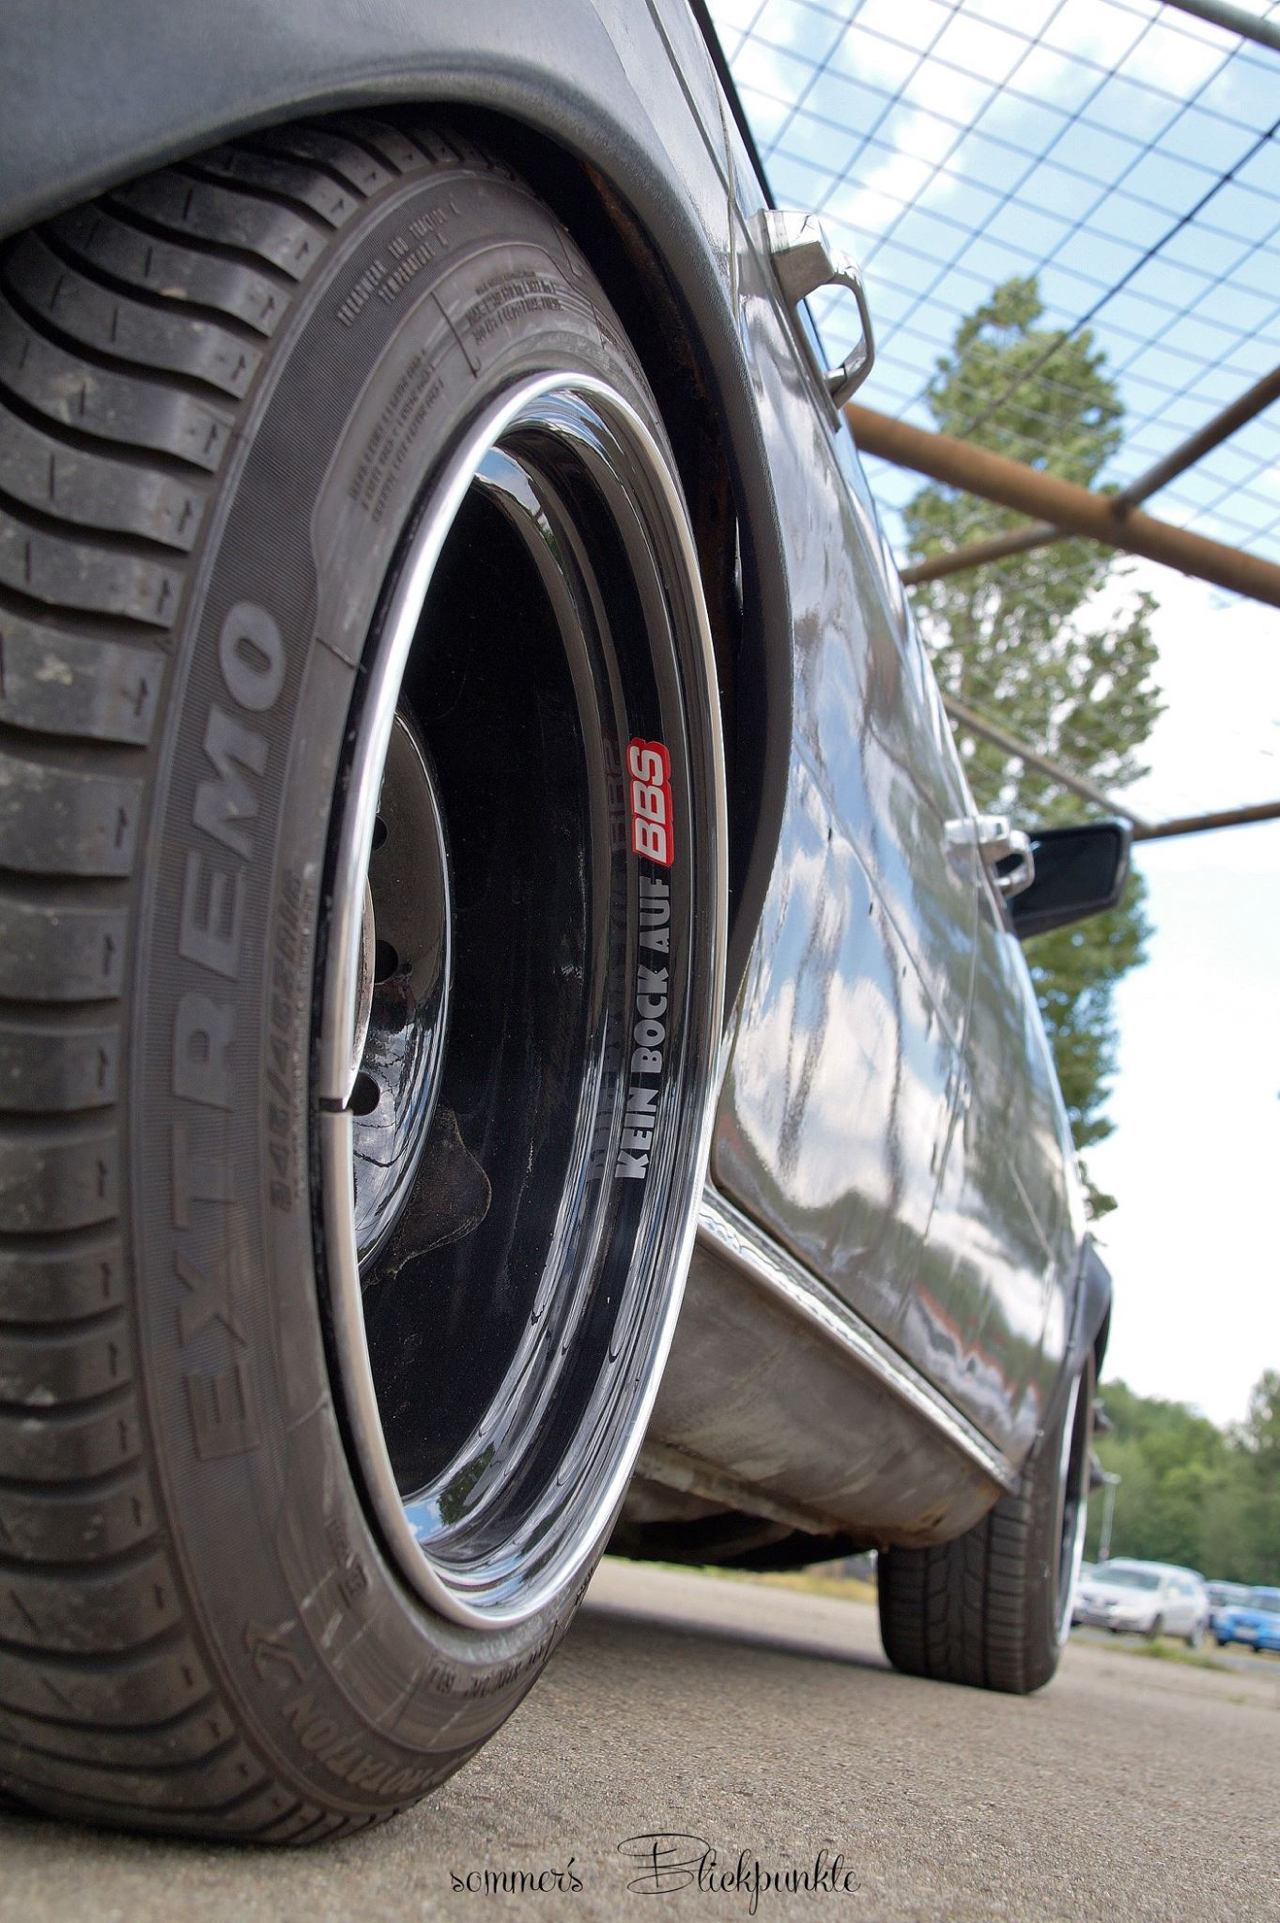 Mercedes W116 280 SE - Ol'dirty bastard ! 3